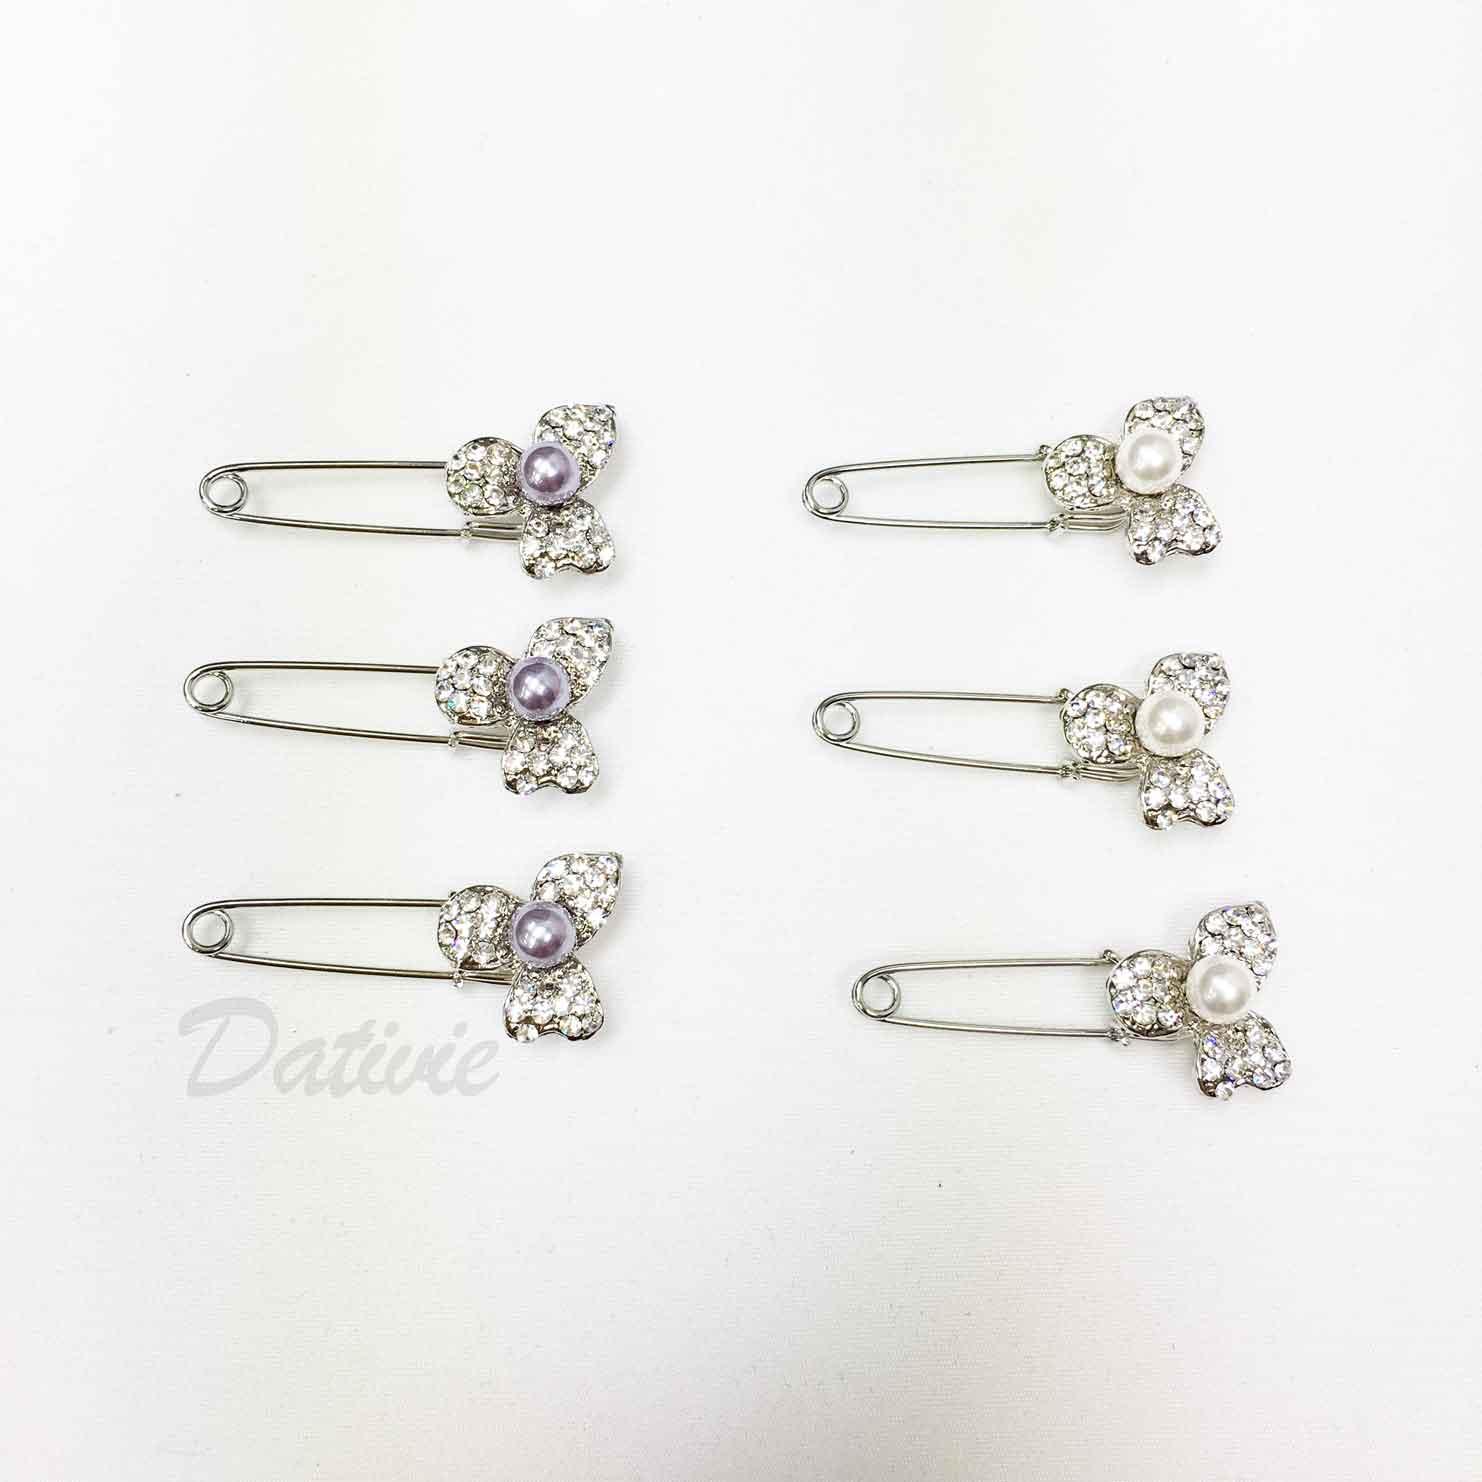 紫珍珠 花朵 花花 別針造型 兩色 三入一組 胸針